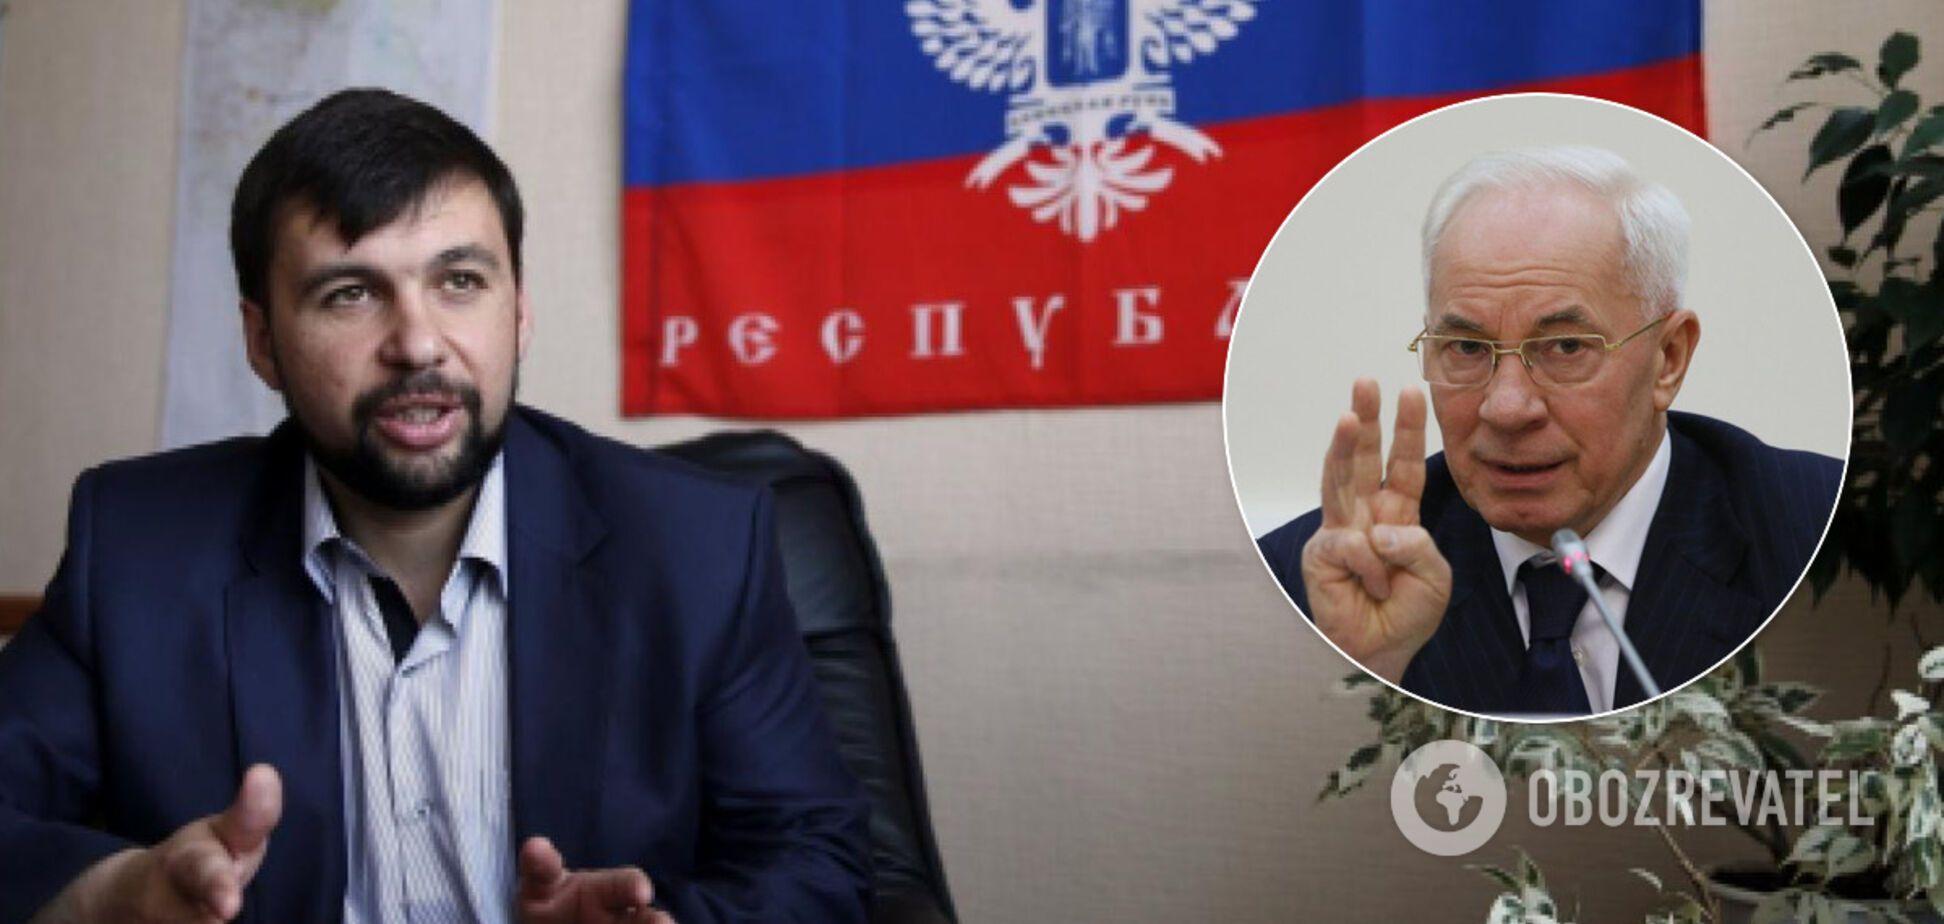 Азарова й Захарченка переводять на Донбас? Волонтер розповів про боротьбу за владу в 'Л/ДНР'